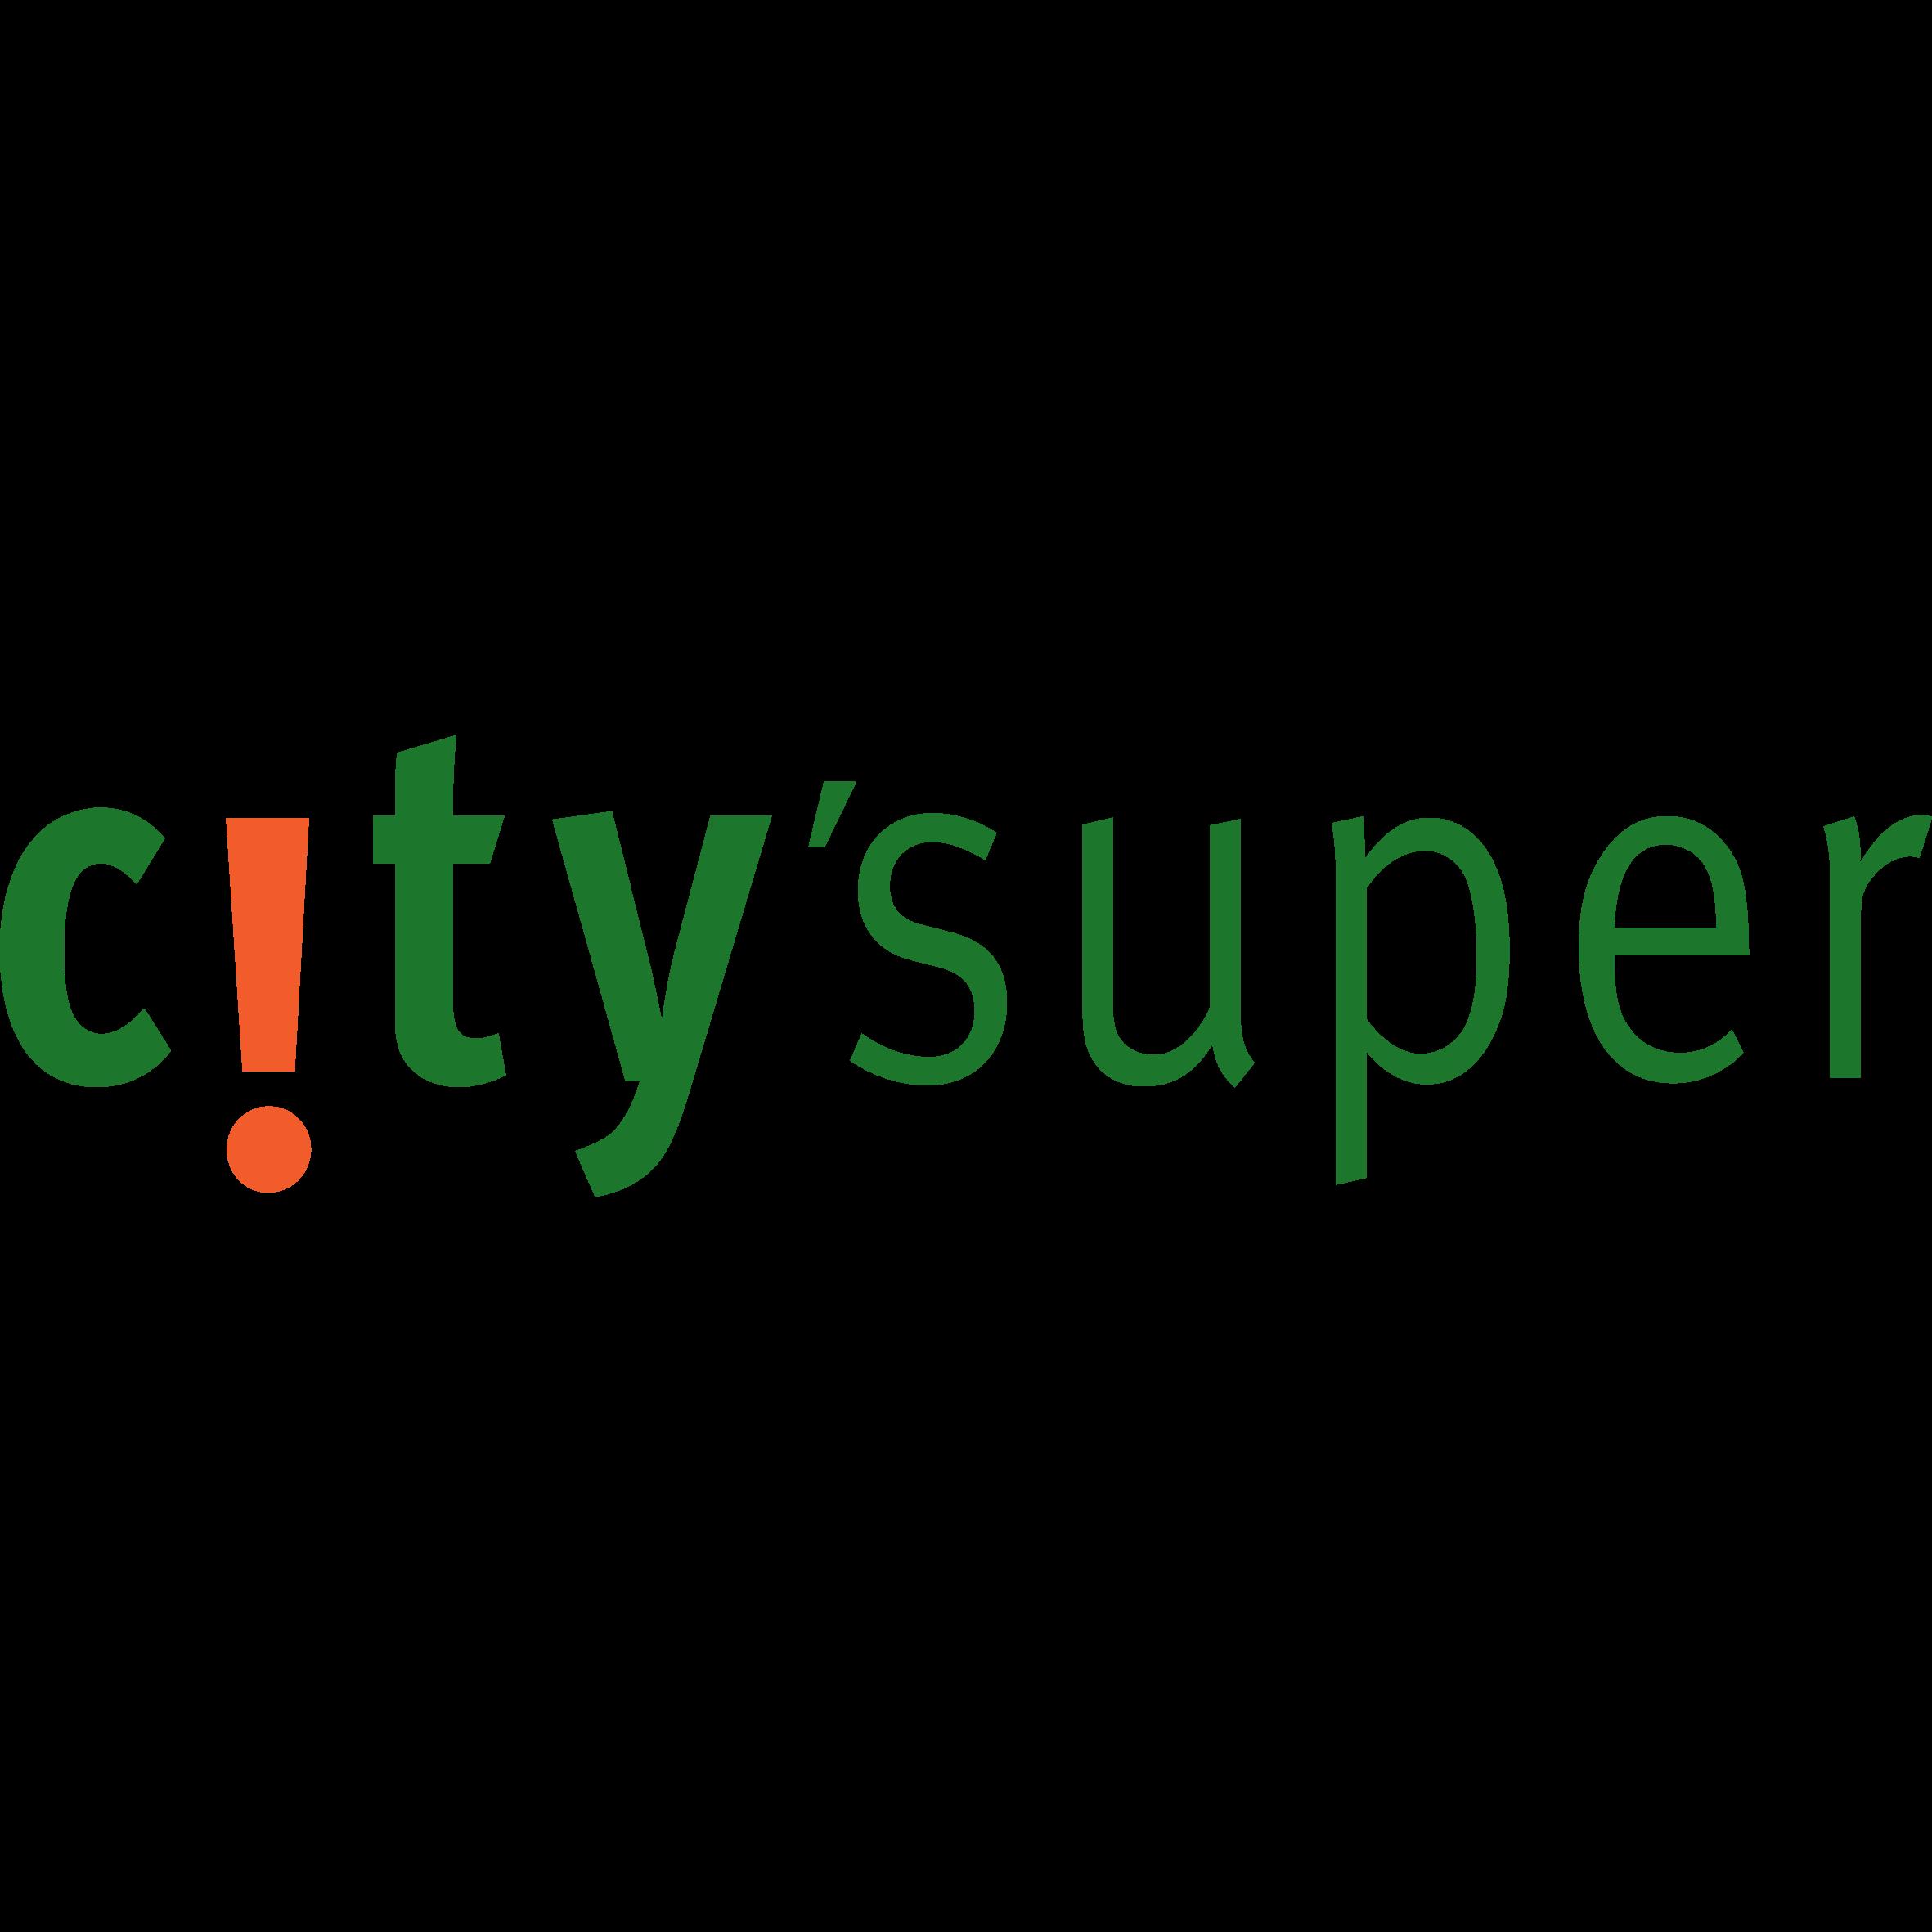 City\'super